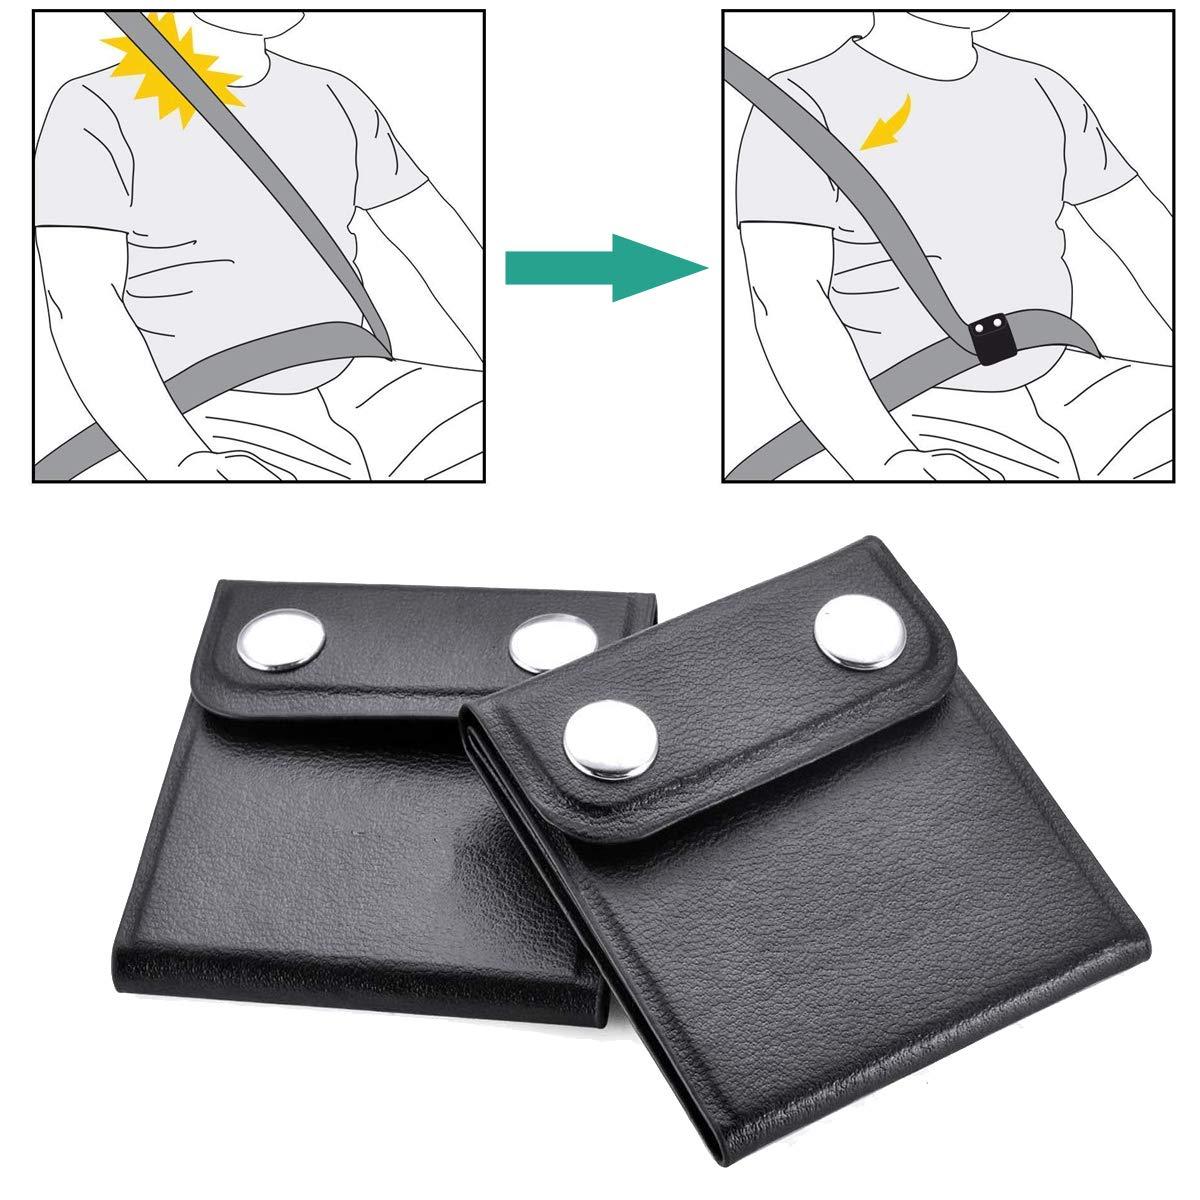 Regolatore della Cintura di Sicurezza - WENTS 2 Pezzi Posizionatore cintura per seggiolino auto per rilassare il collo della spalla, supporto di sicurezza per bambini, forniture per auto confortevoli